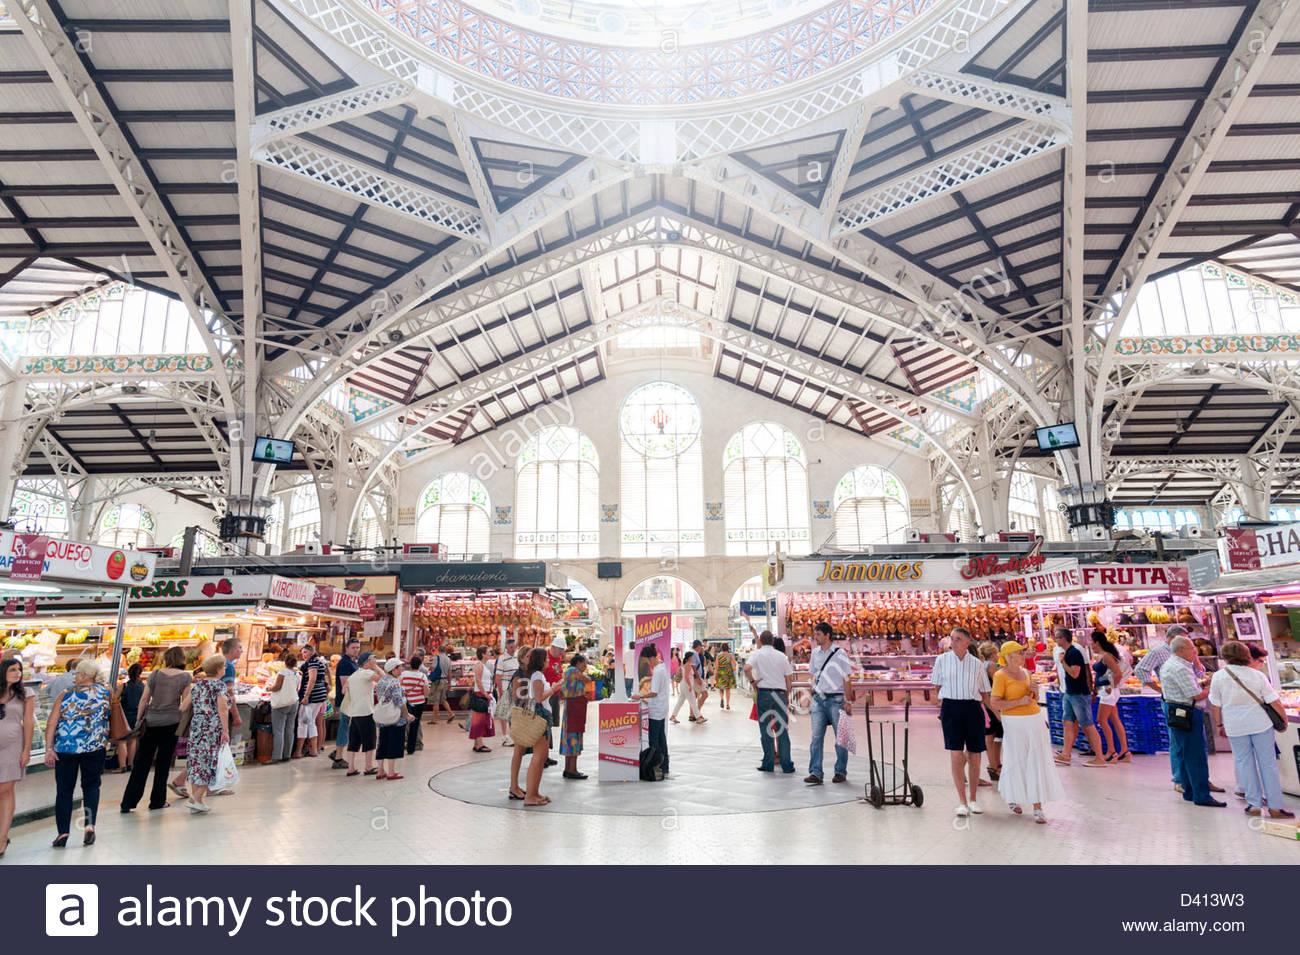 All'interno del Mercato Centrale, Valencia, Spagna Immagini Stock